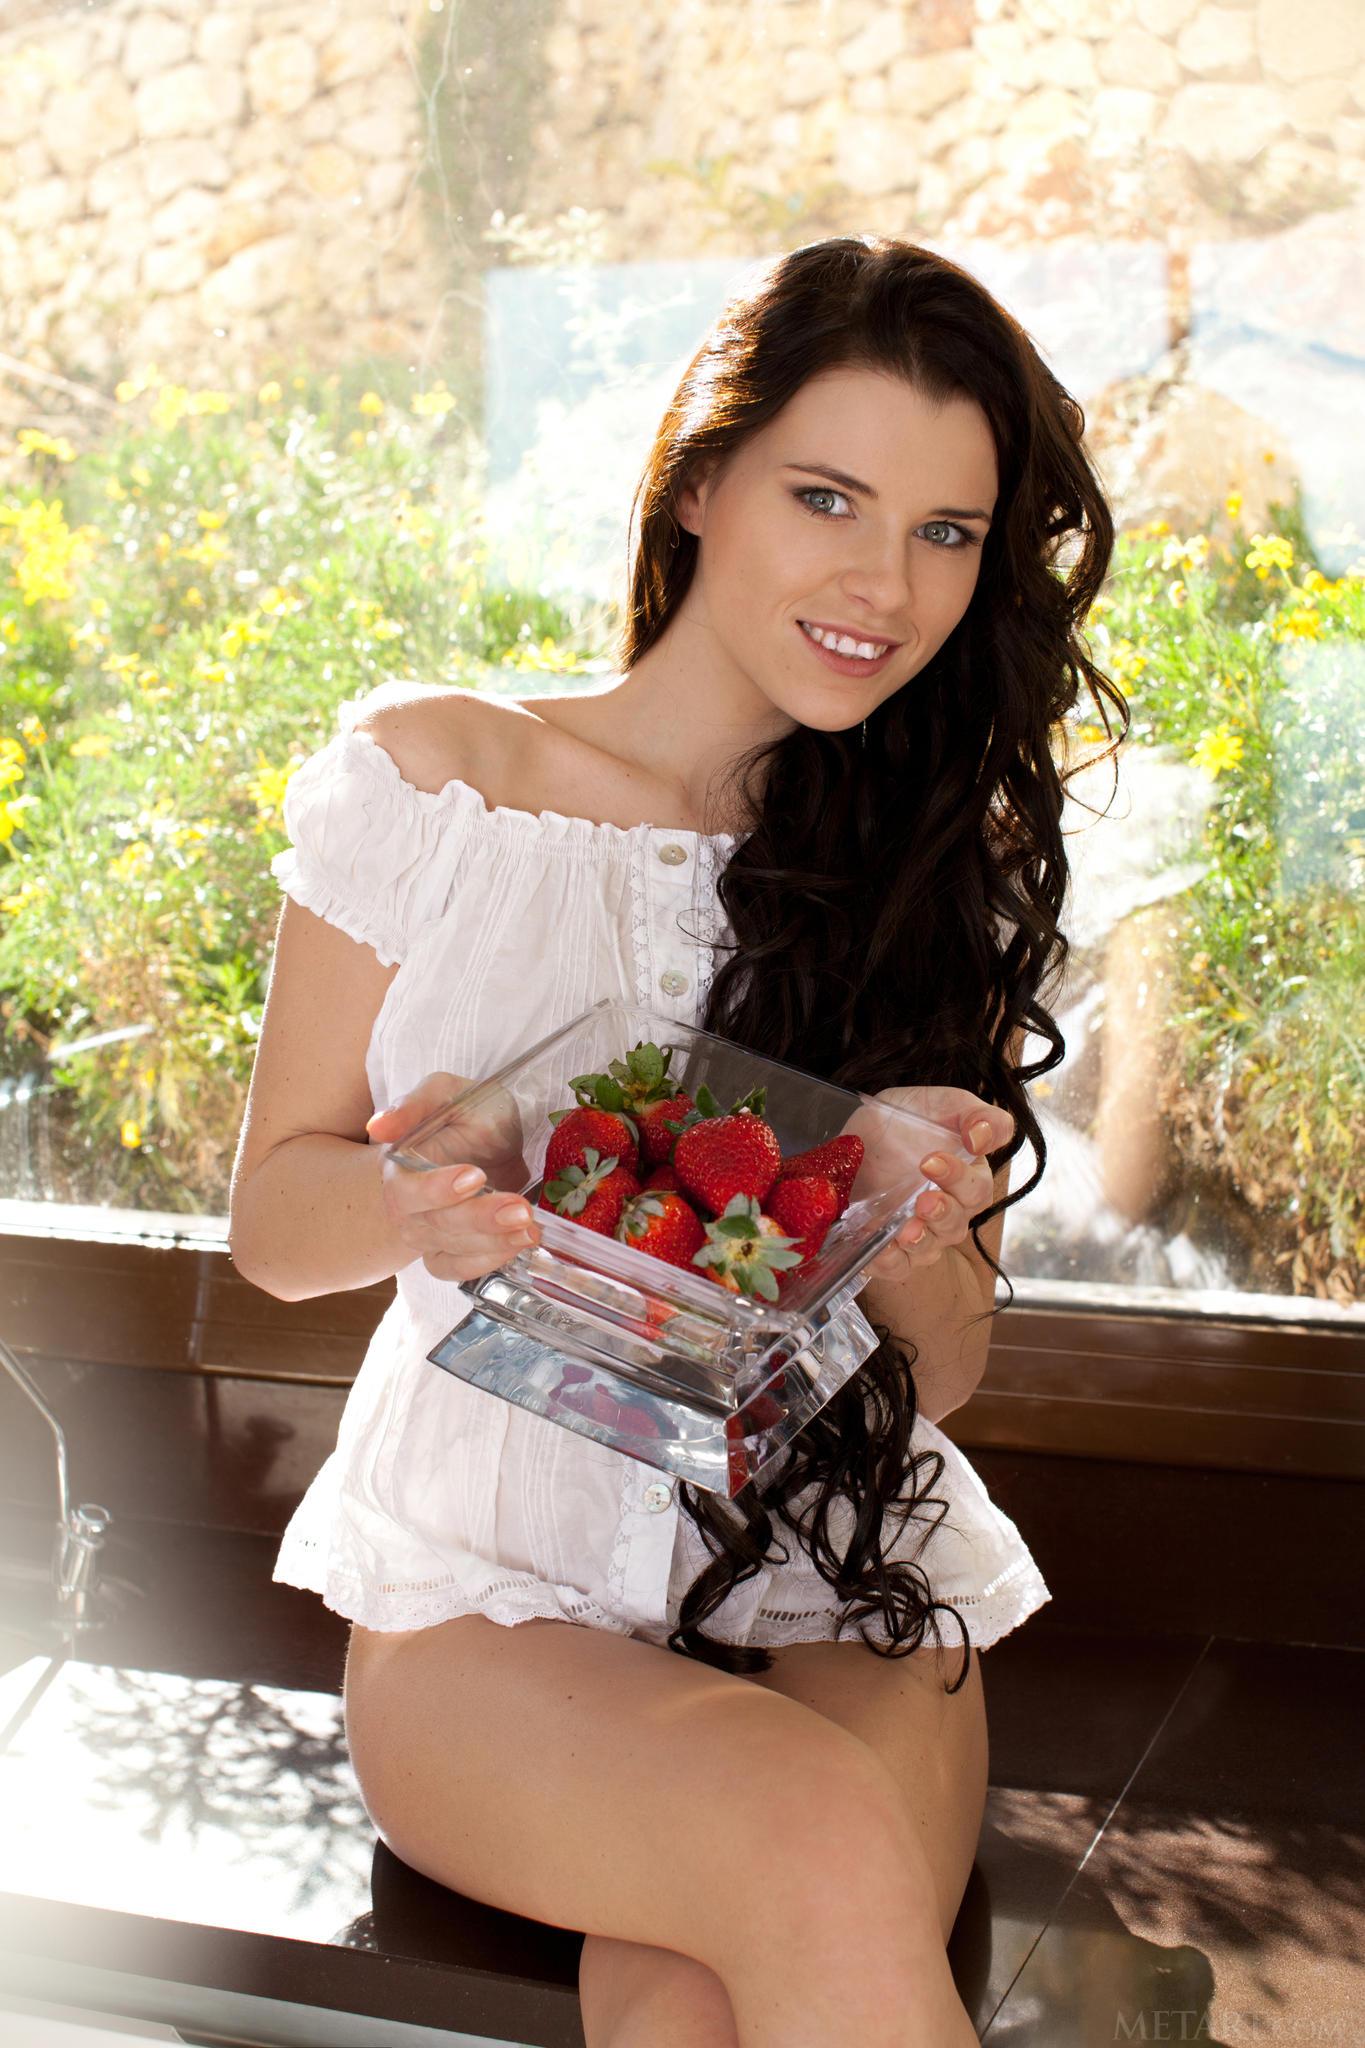 Ucraniana te invita a comer frutillas en la cocina! set hoy